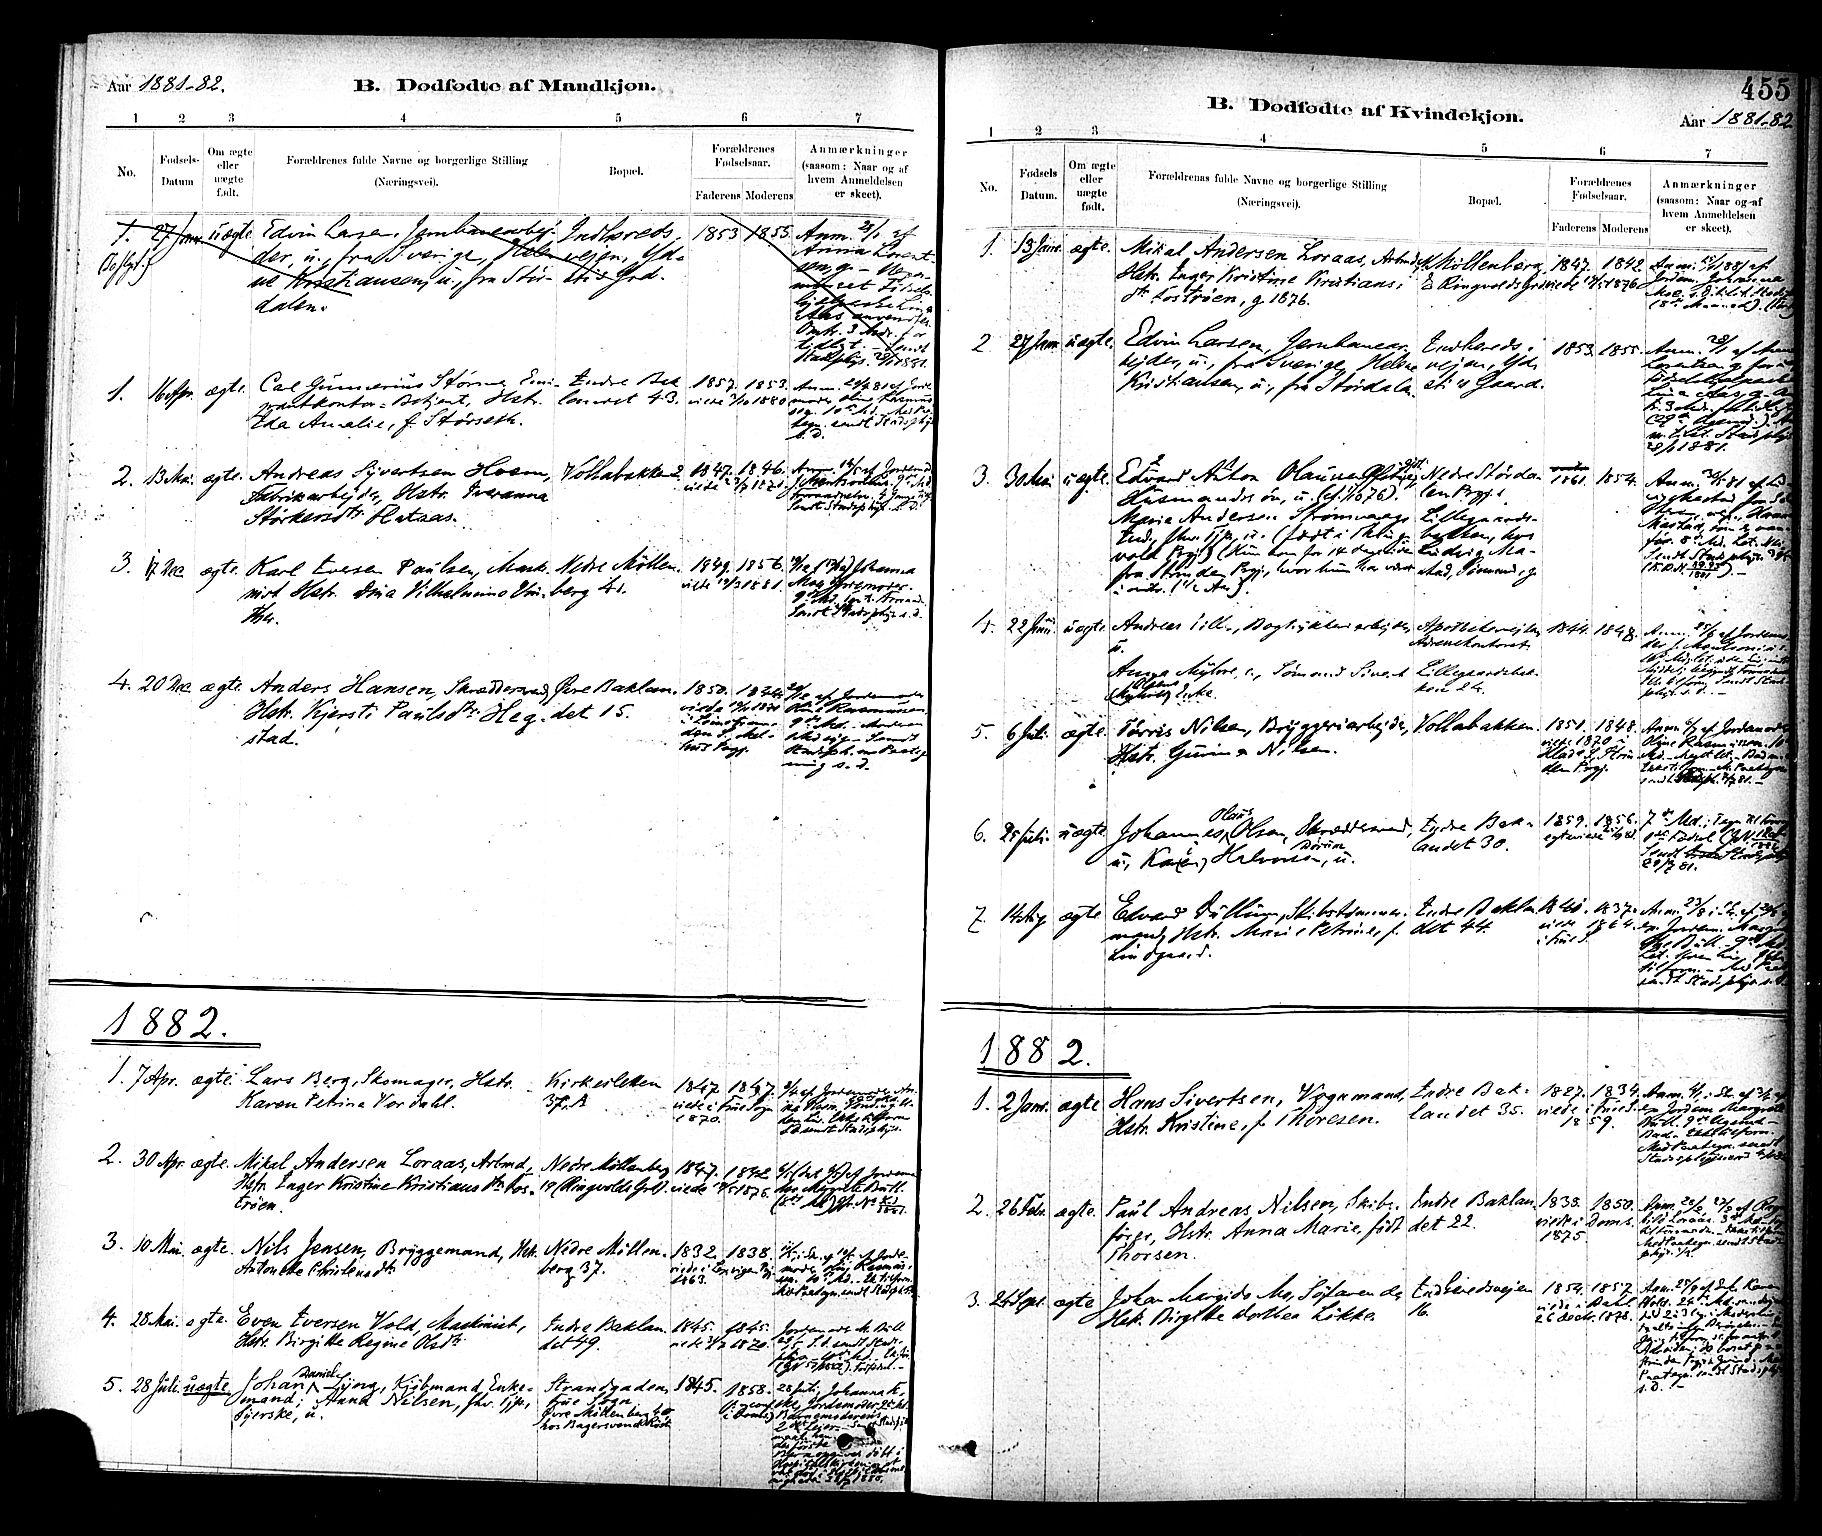 SAT, Ministerialprotokoller, klokkerbøker og fødselsregistre - Sør-Trøndelag, 604/L0188: Ministerialbok nr. 604A09, 1878-1892, s. 455